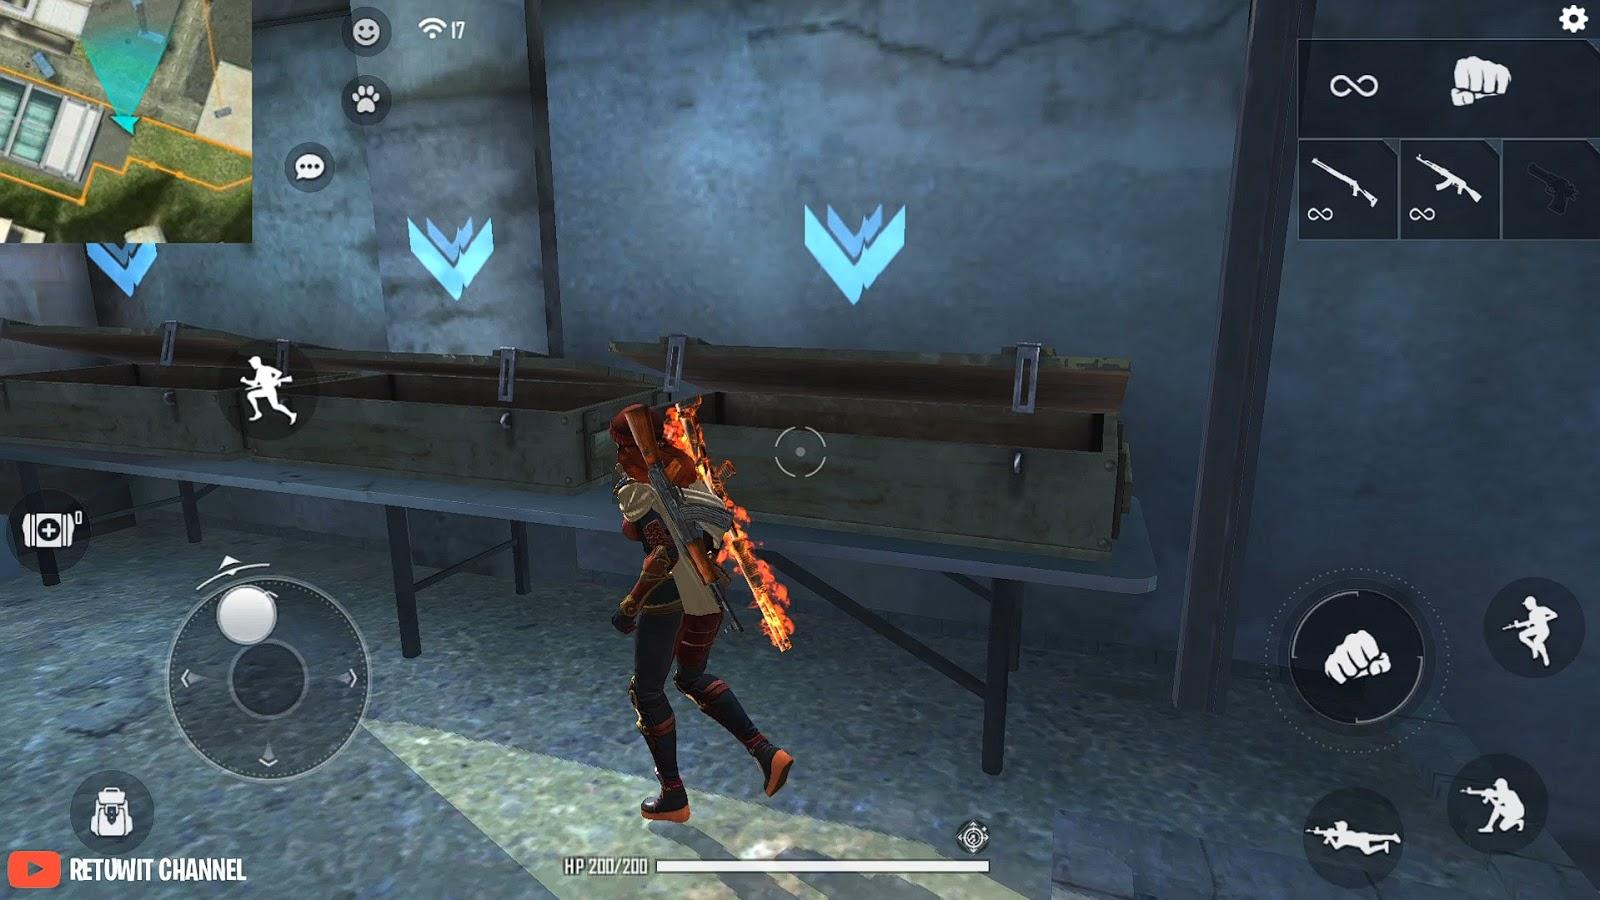 Gambar Logo Kill Free Fire Png Training Room Free Fire Ada Mode Kill Musuh Dan Revive Sendiri Retuwit